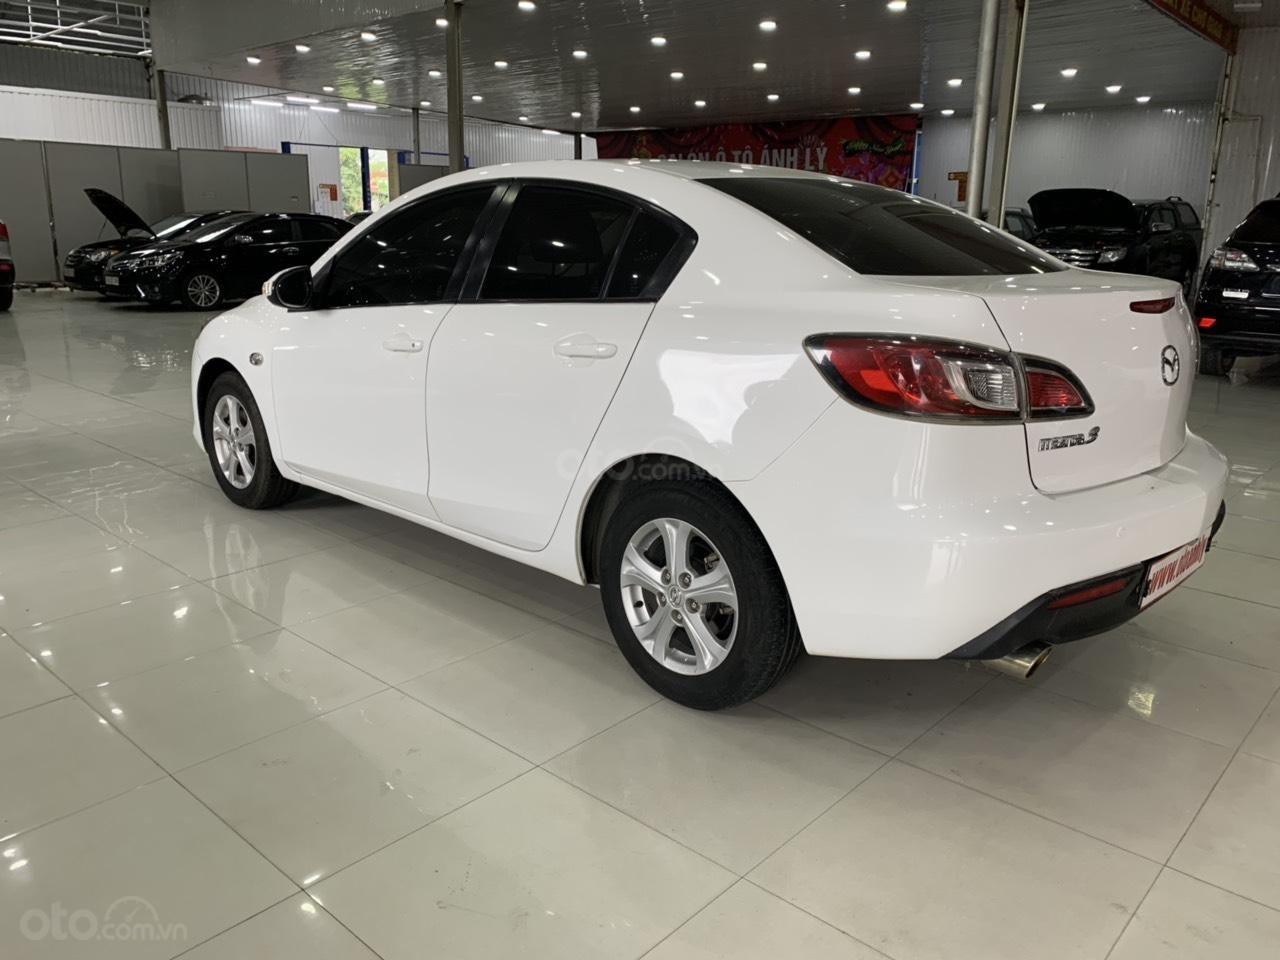 Bán xe Mazda 3 sản xuất năm 2010, màu trắng, xe nhập-7